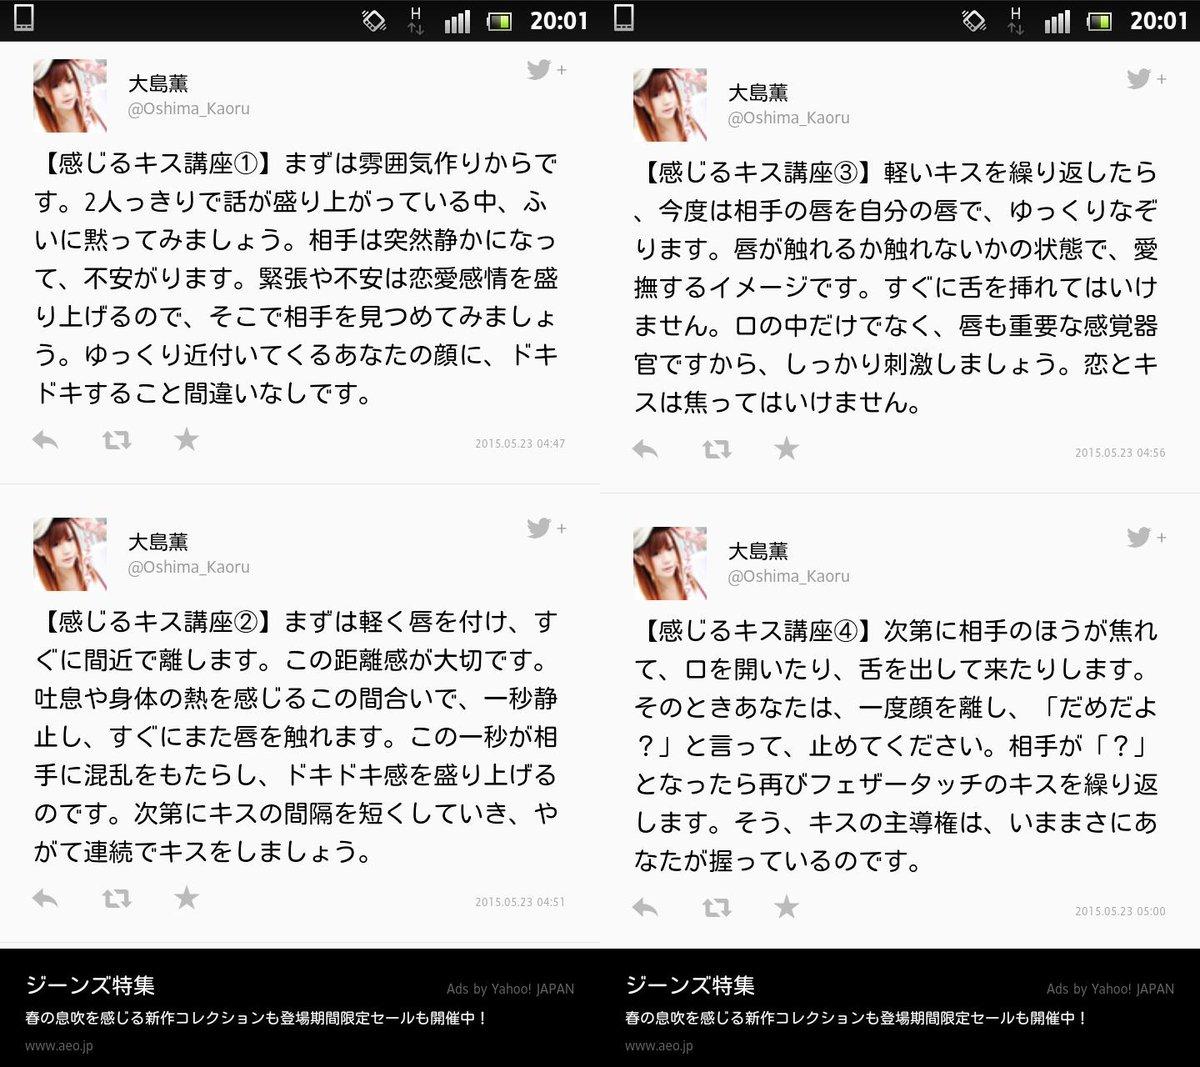 お前ら学べよ RT @tarte25252 リアル男の娘大島薫さんが教える「キス講座」がすごいと話題 - NAVER まとめ http://t.co/bgZH0fzlC0 http://t.co/DgTCNLm7t6